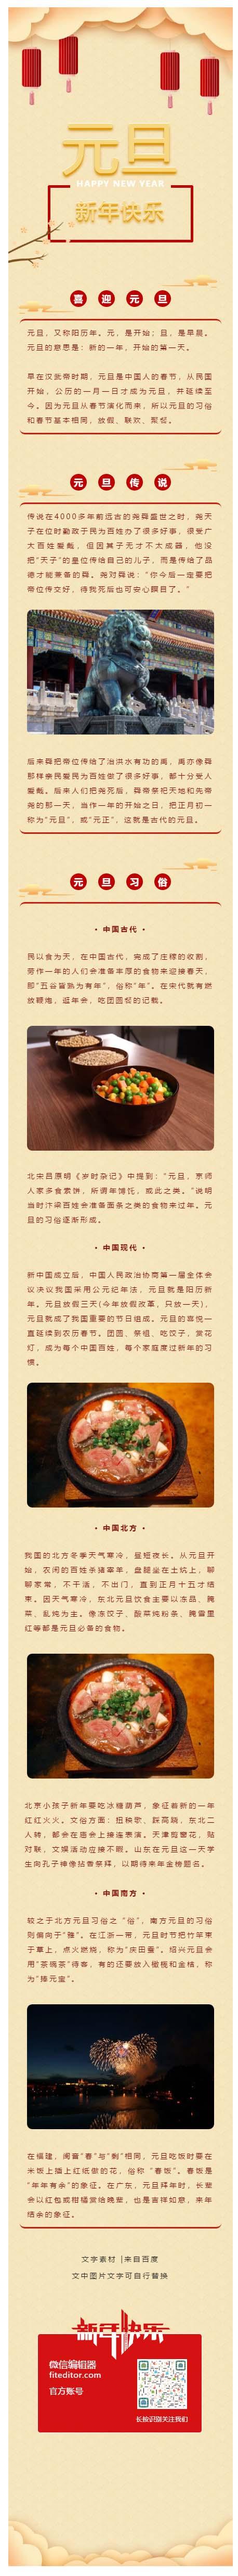 元旦新年快乐微信公众号图文模板推送素材中国风优秀推文模板